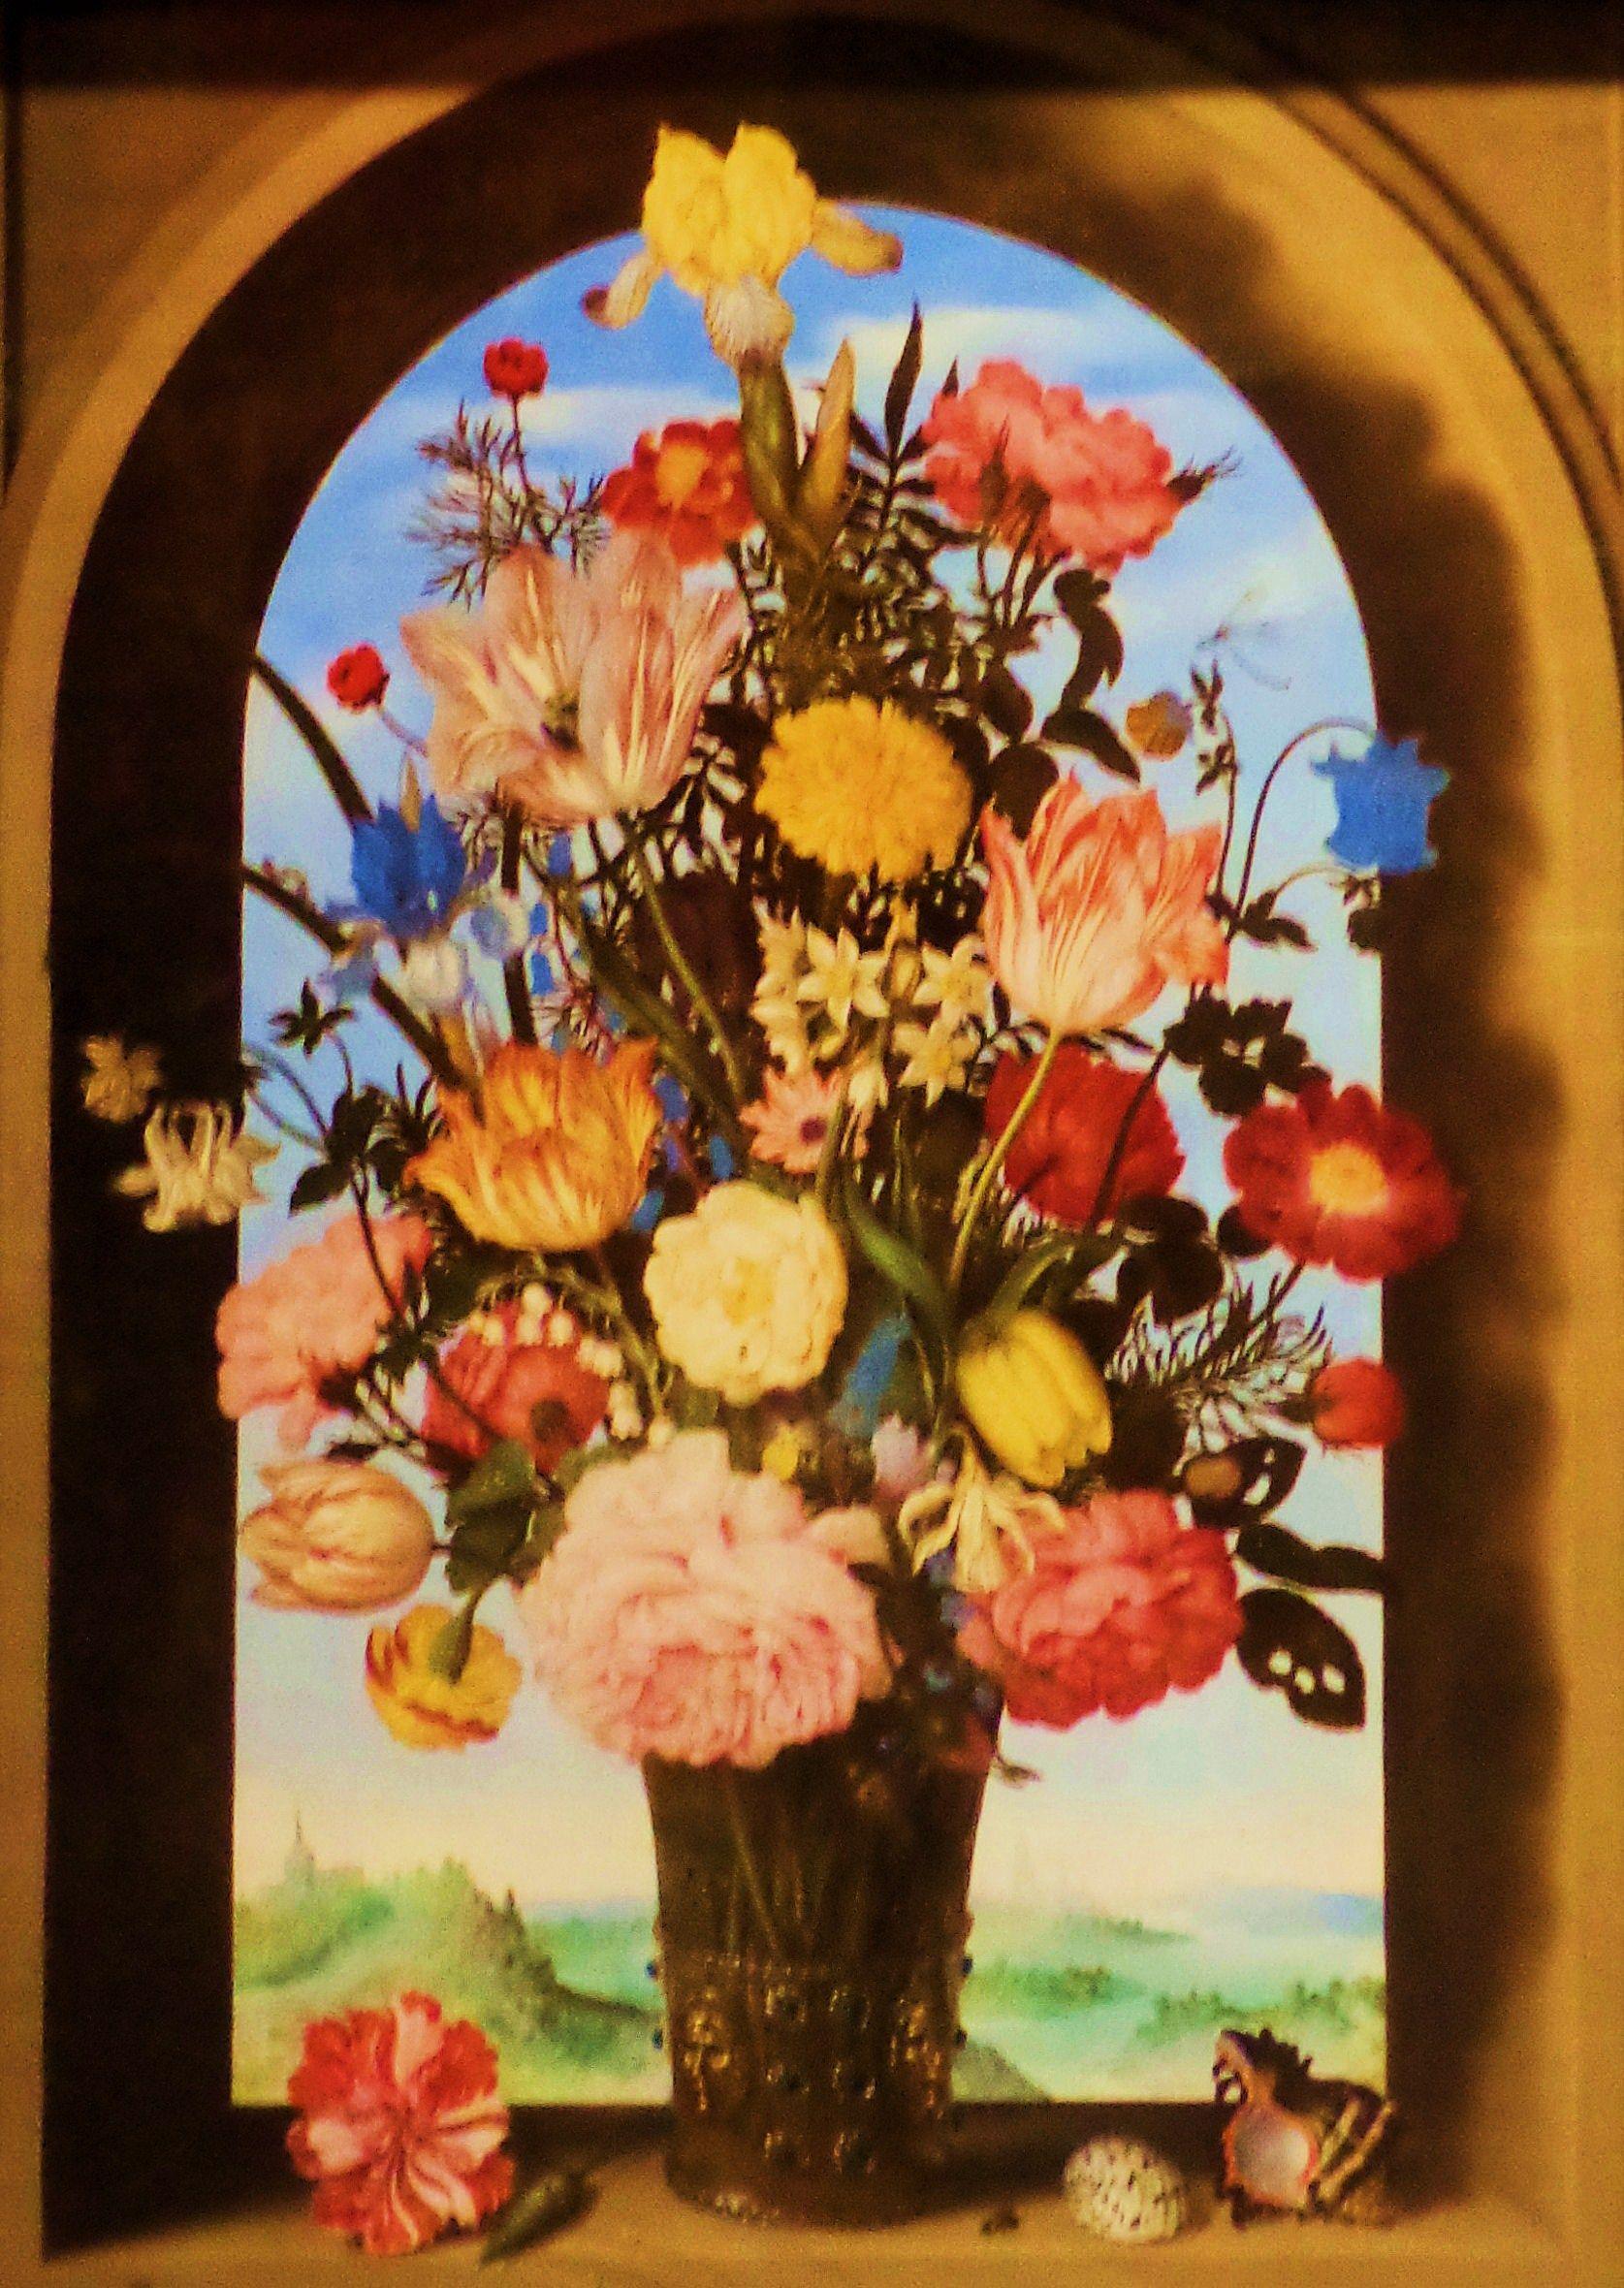 'Vaas met bloemen in een venster' door Ambrosius Bosschaert uit 1618. Dit schilderij met een bont boeket van 30 soorten bloemen is een topstuk van Bosschart. Hij bracht de bloemen nauwkeurig in beeld, zodat ze stuk voor stuk goed te herkennen zijn. Daarmee biedt dit schilderij een overzicht van de mooiste bloemen, waaronder de tulp die destijds in Holland nog zeldzaam was. Hij baseerde zijn boeket op losse studies die hij gedurende het jaar maakte, bloemen die niet tegelijkertijd bloeien.